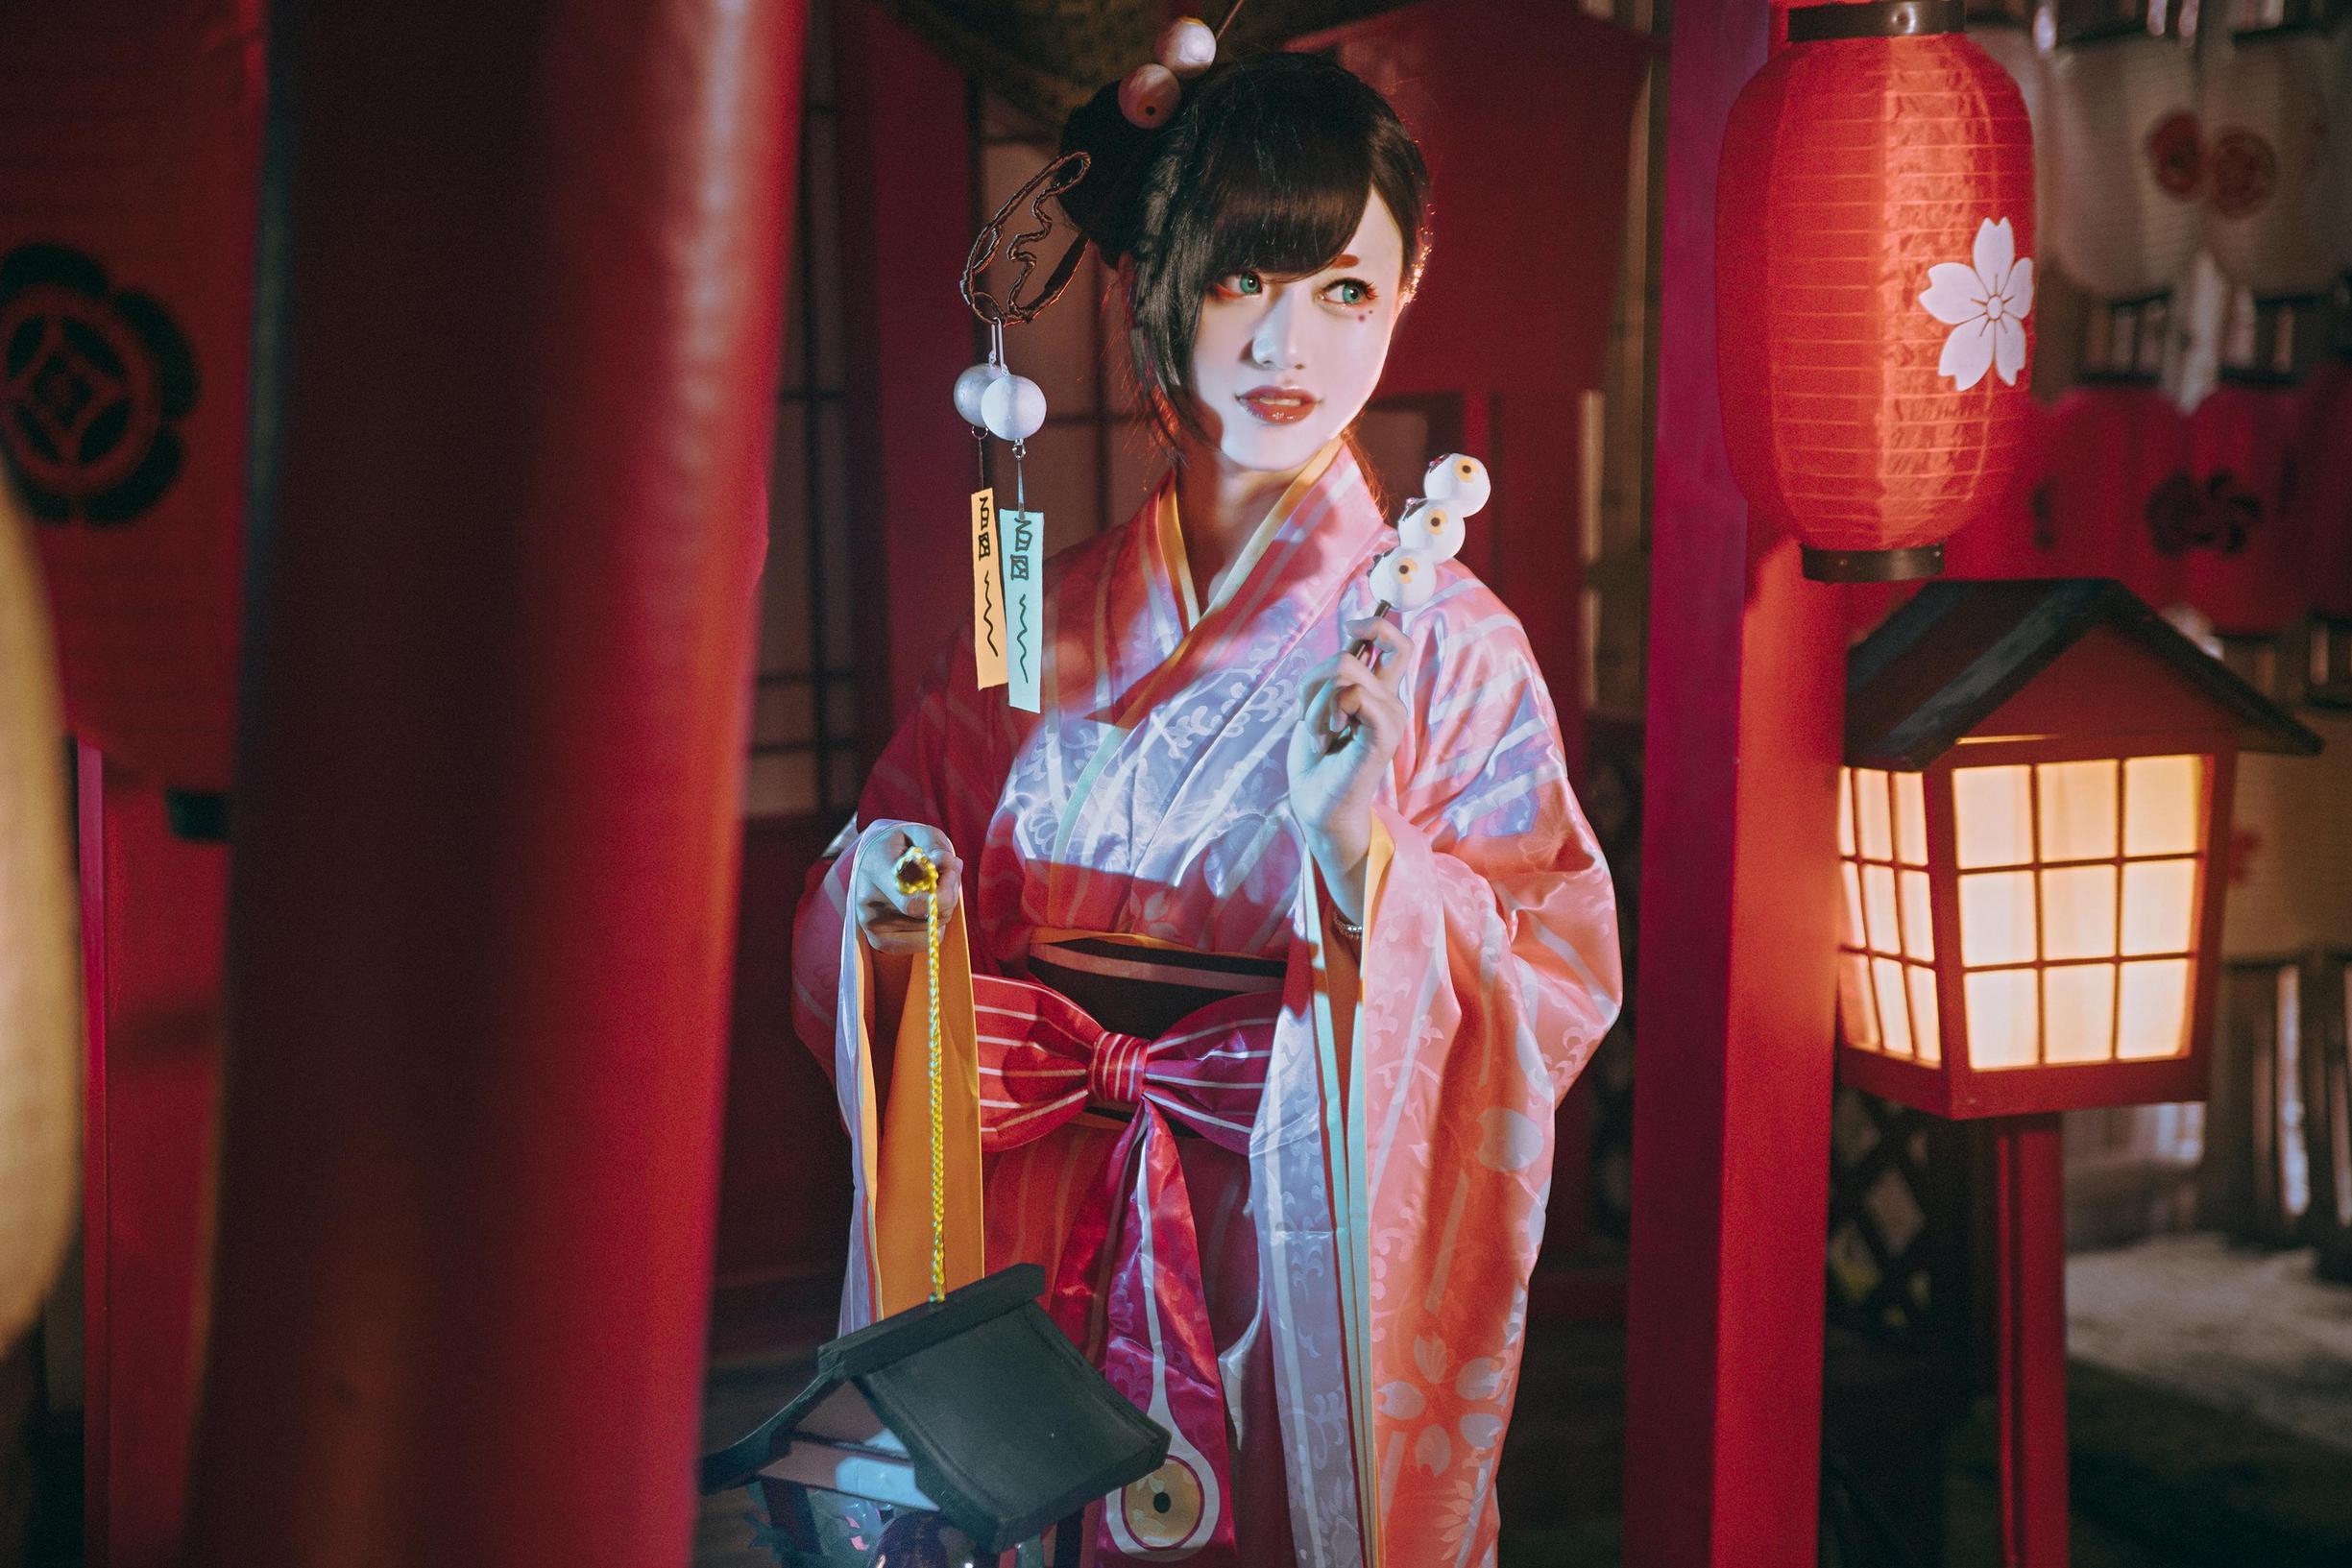 《阴阳师手游》网易阴阳师cosplay【CN:卿绾歌】-第4张